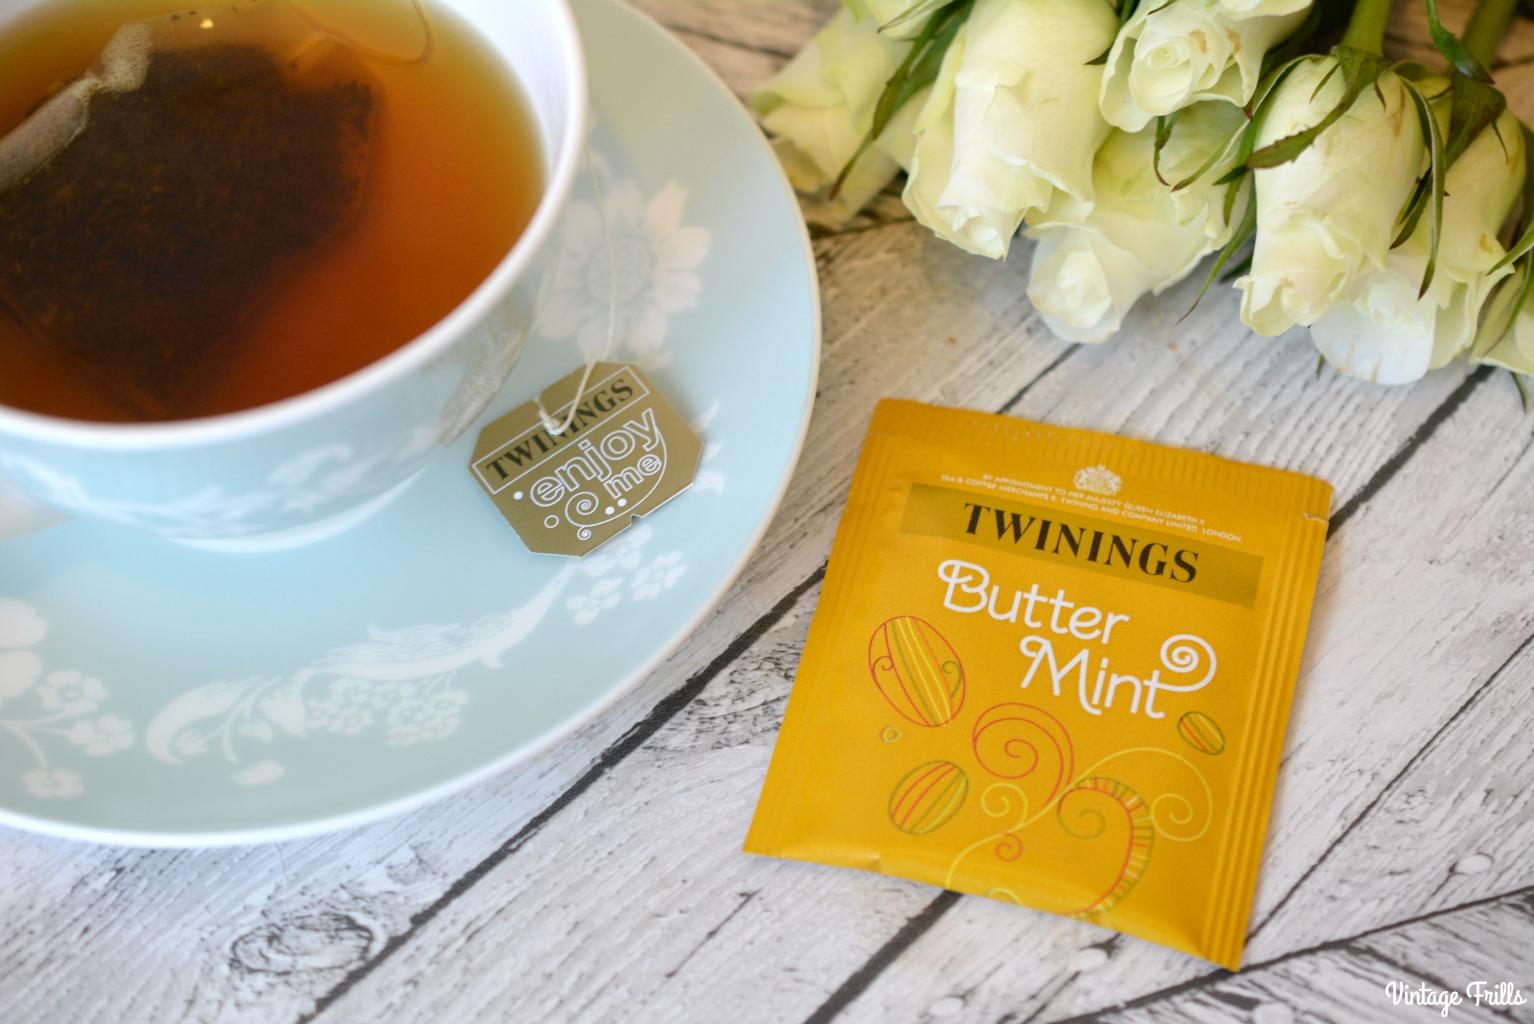 Favourite Tea - Twinings Butter Mint